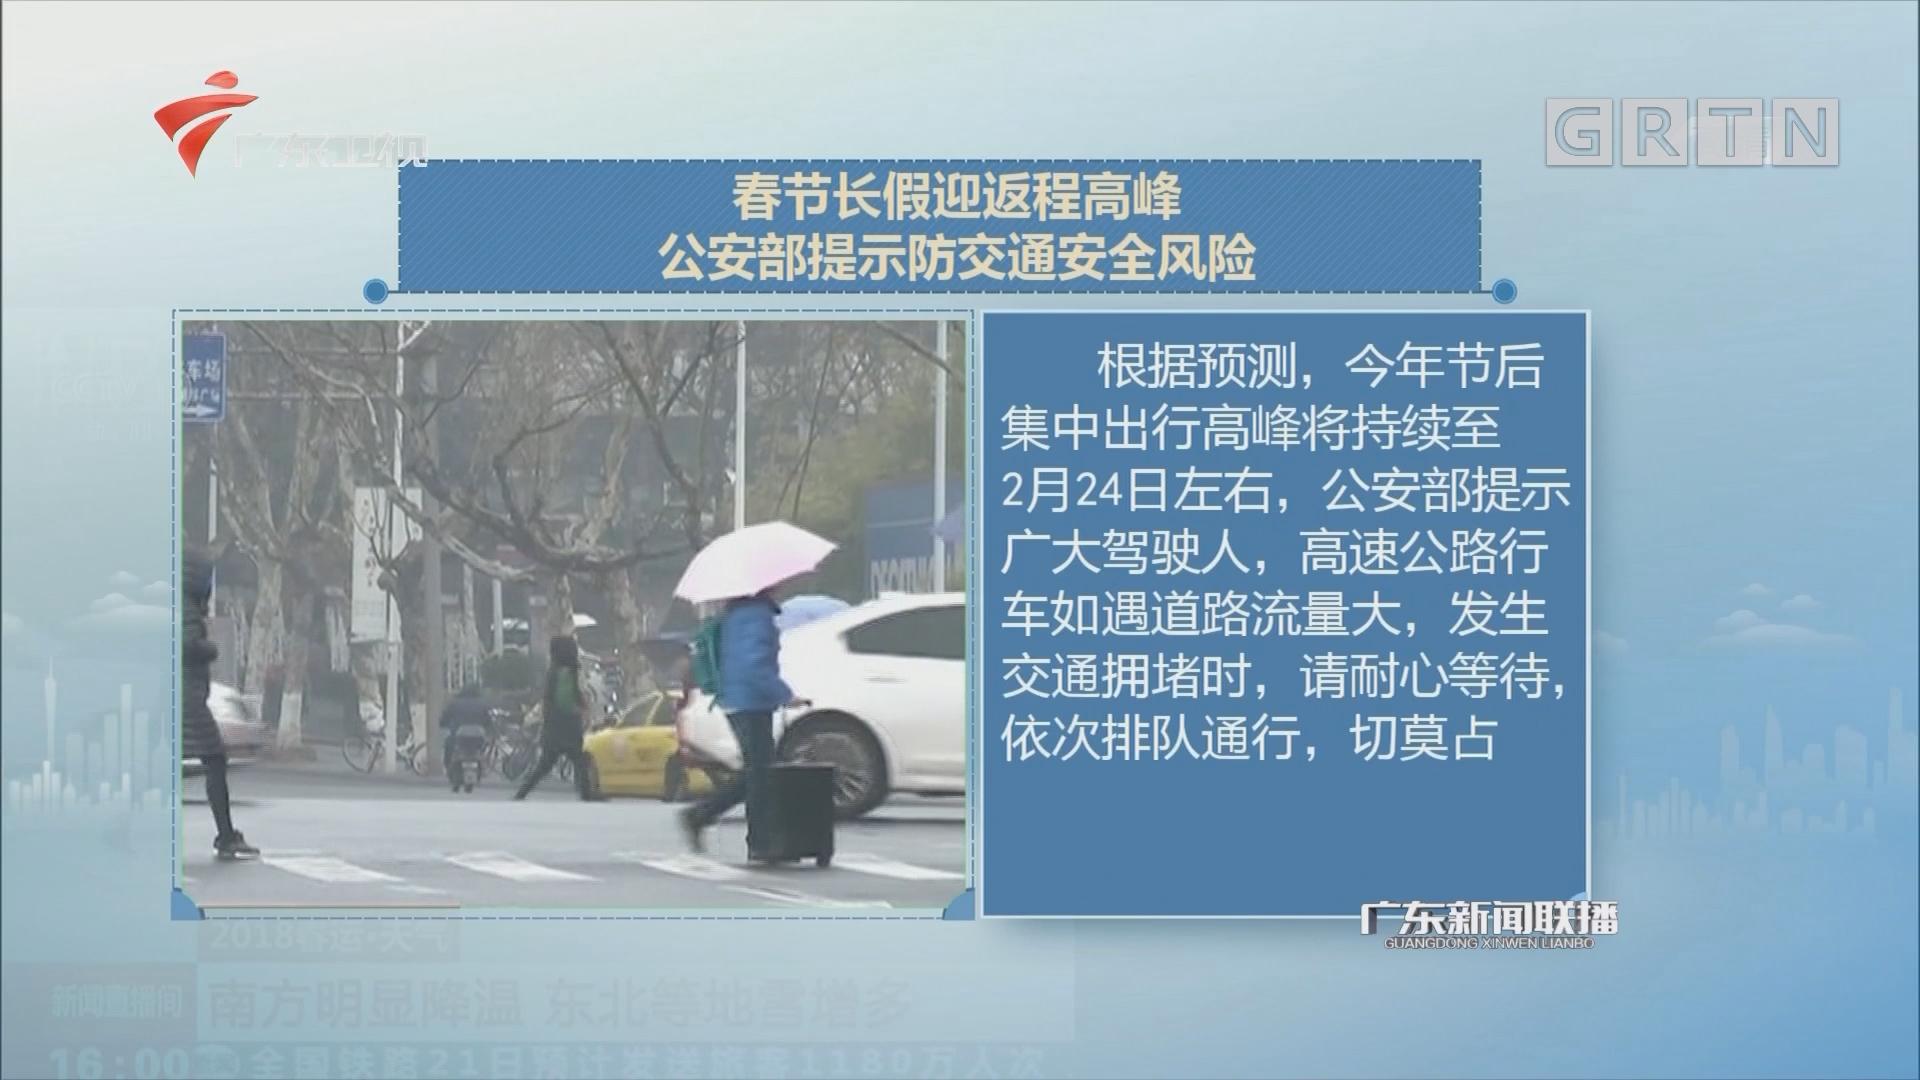 春节长假迎返程高峰 公安部提示防交通安全风险